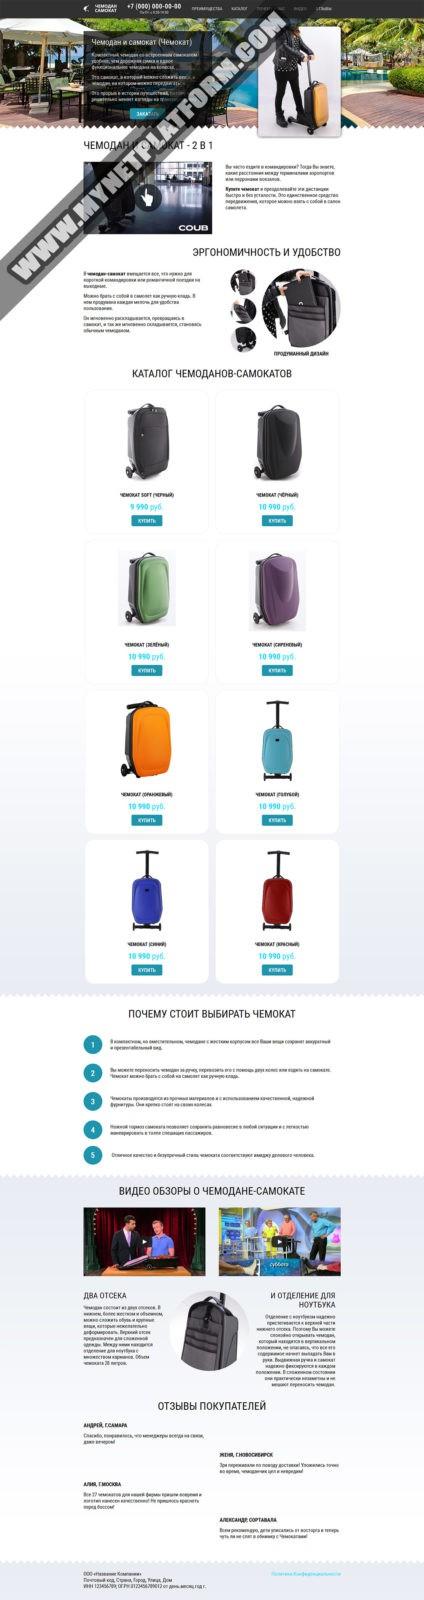 Скриншот готового лендинга для товара Чемодан-самокат (чемокат) 01